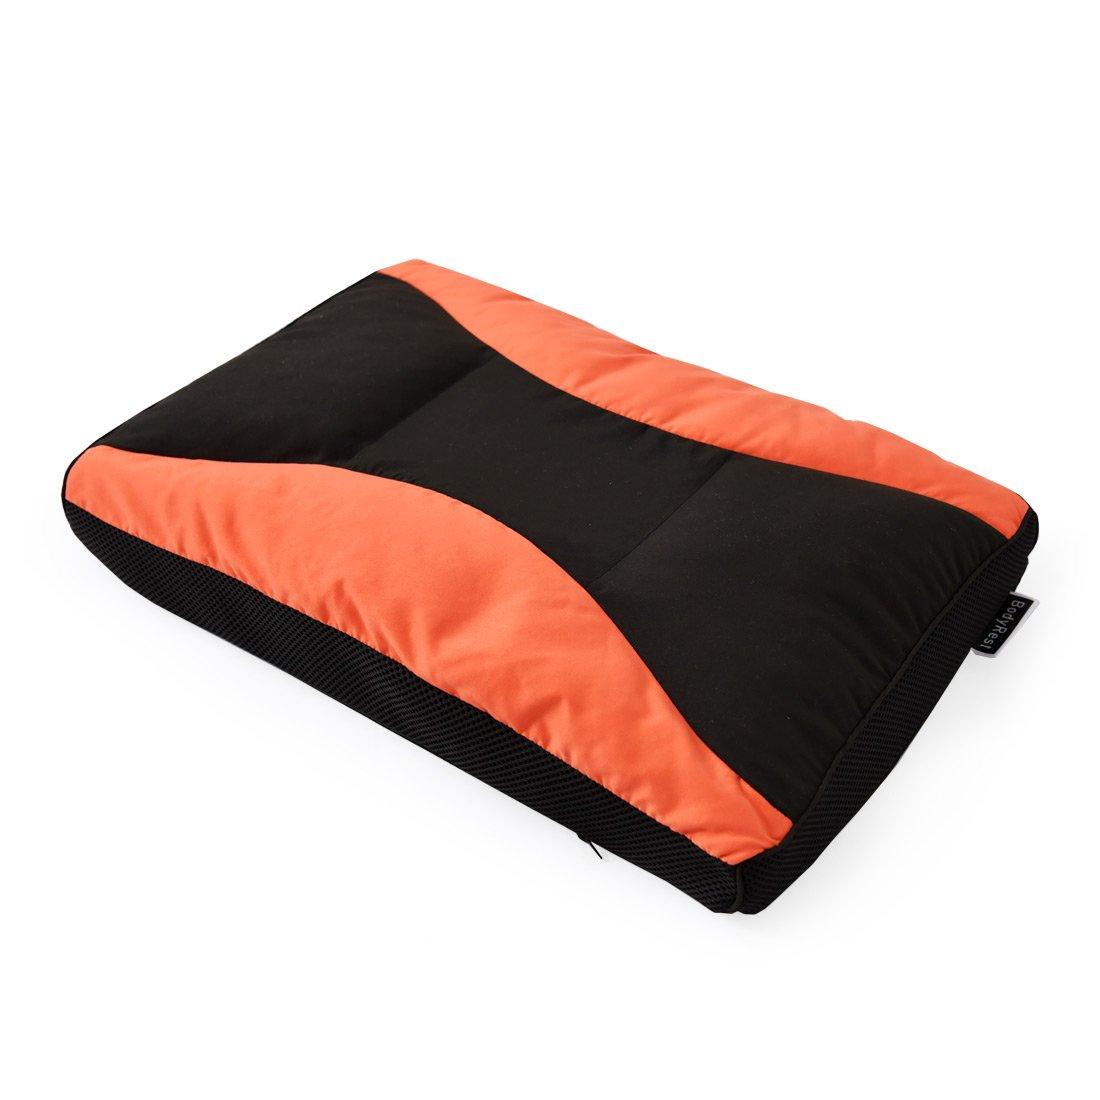 昭和西川 Body Rest 高反発枕